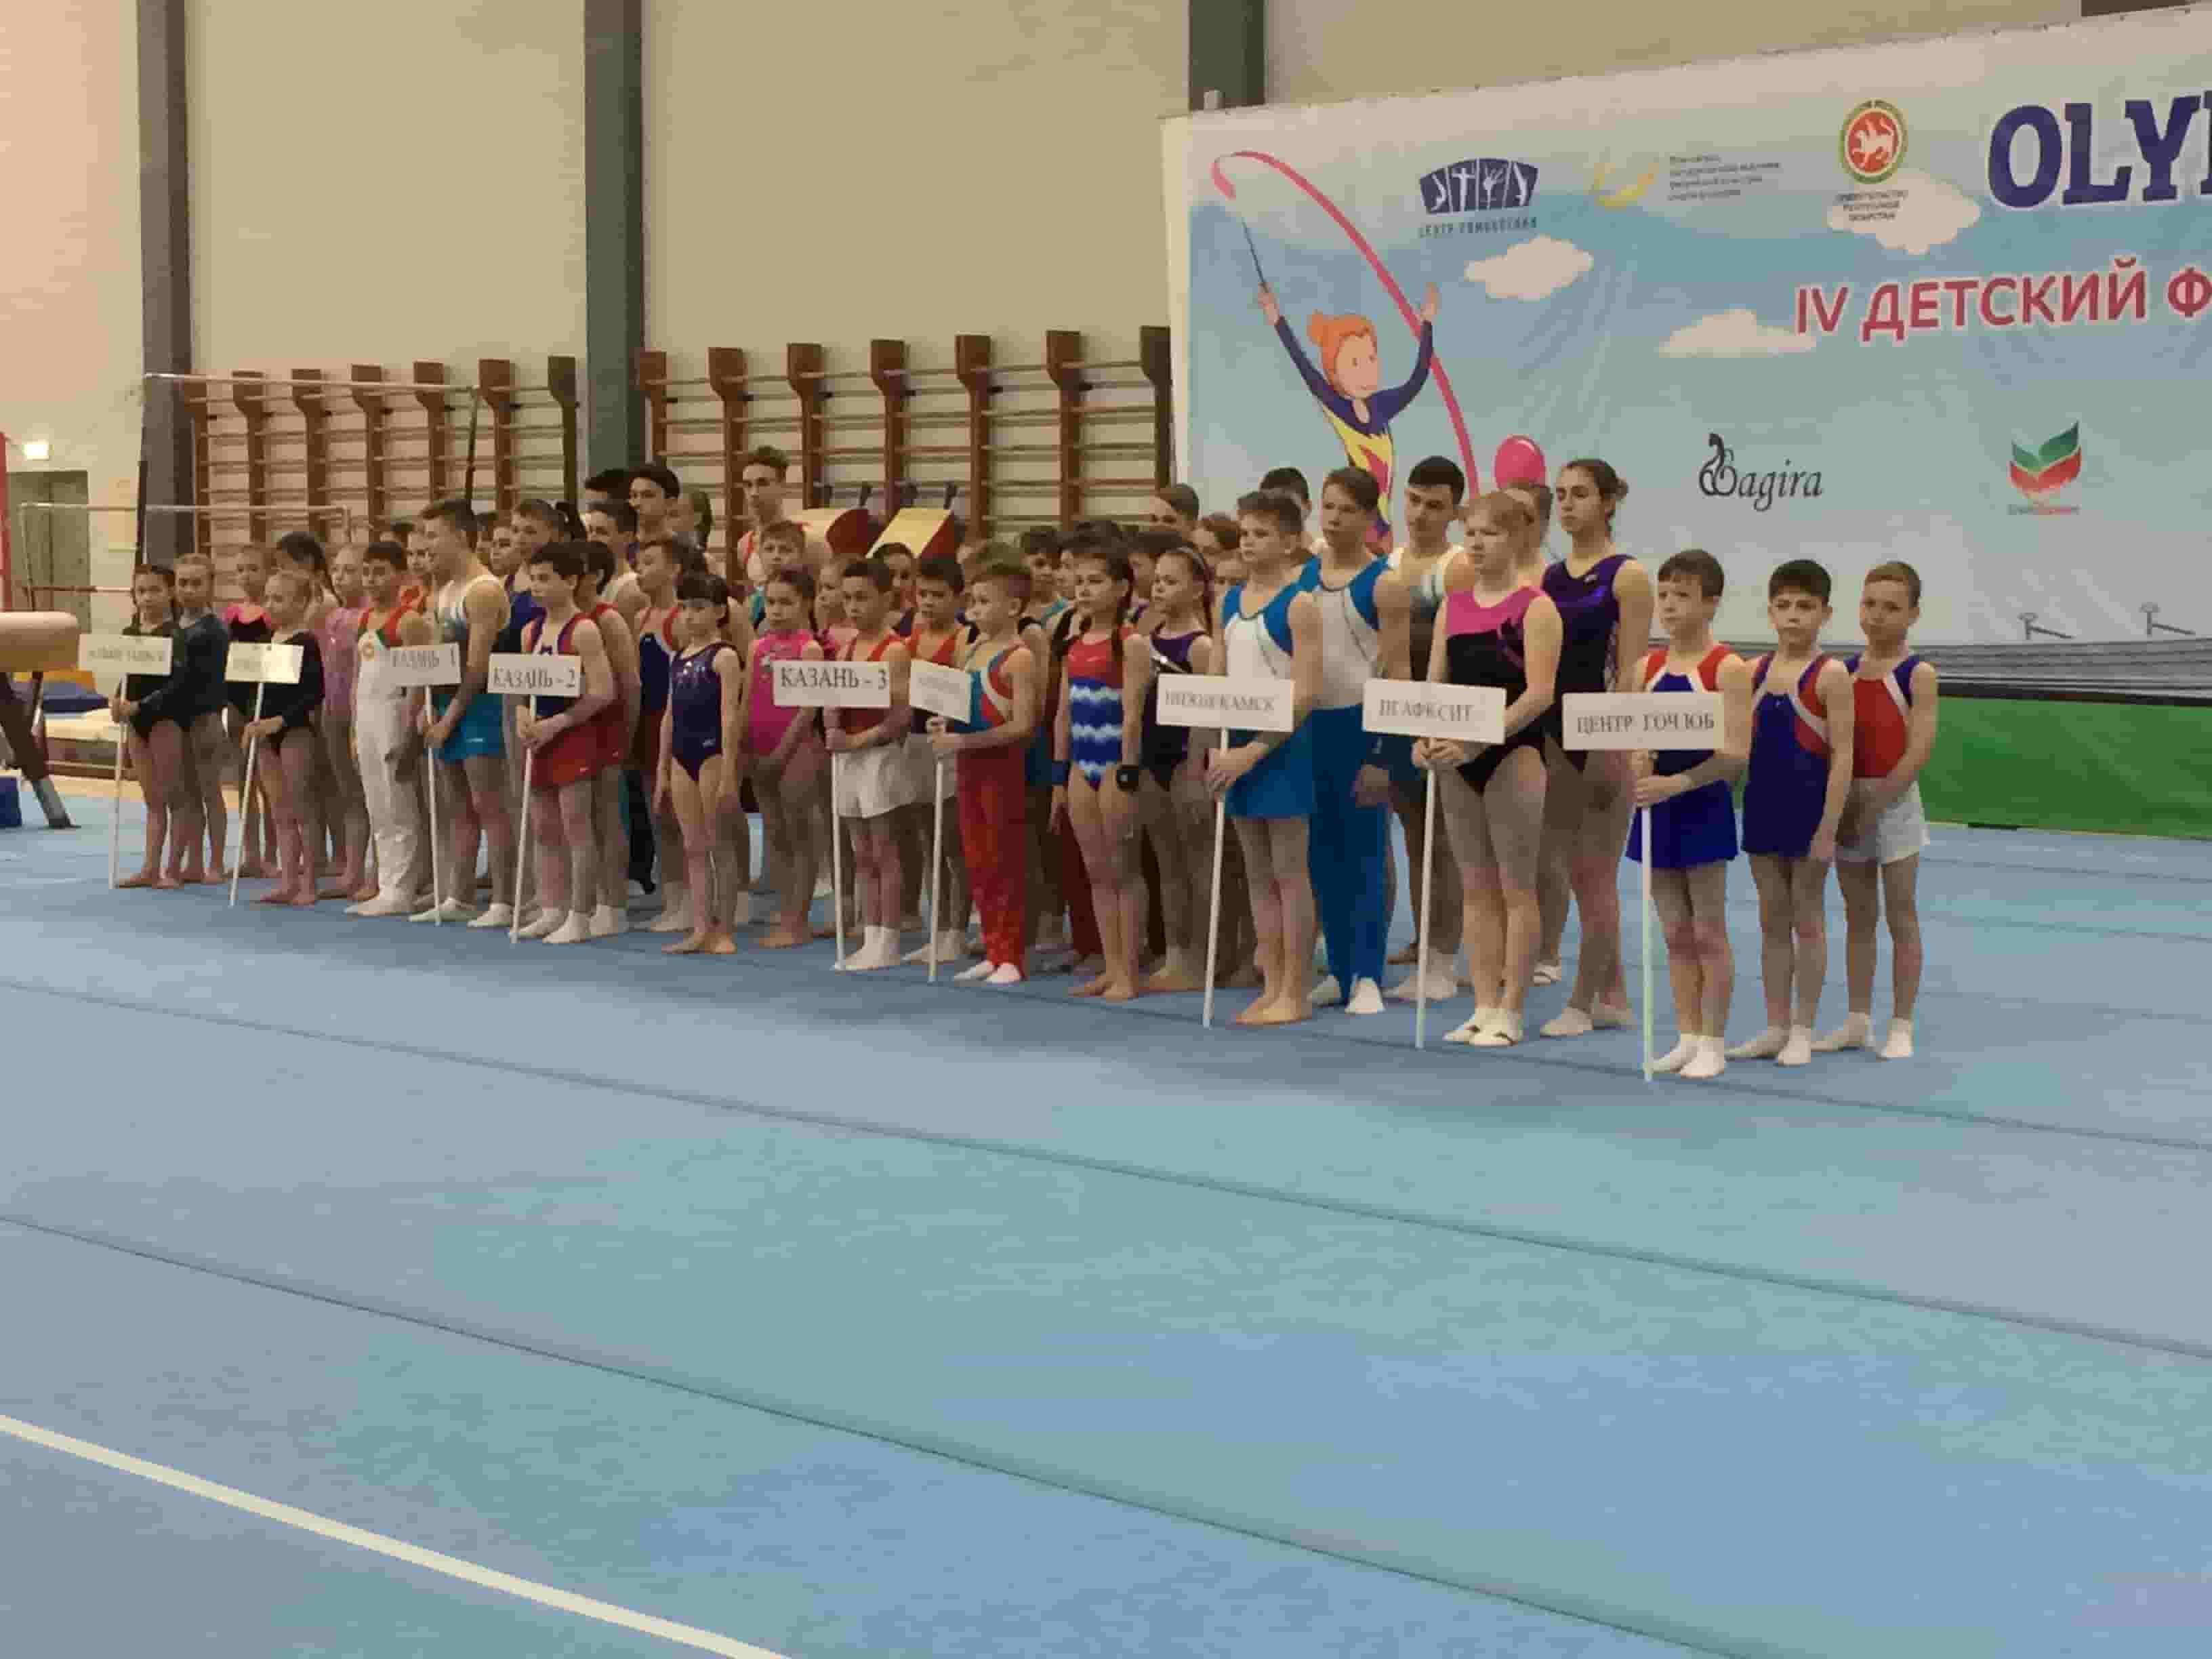 Чемпионат и первенство Республики Татарстана по спортивной гимнастике